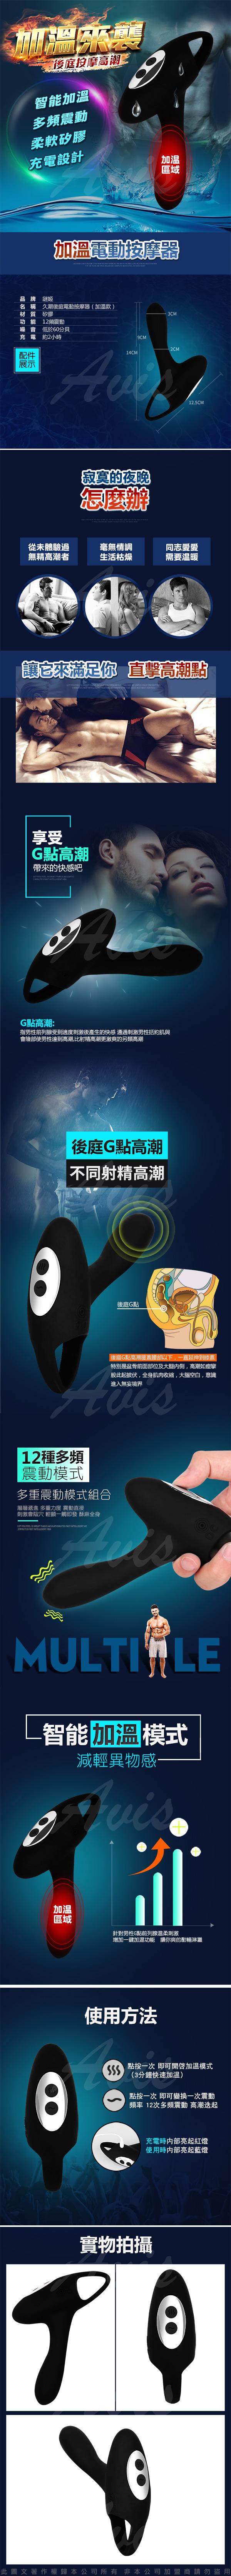 久潮二代 12段變頻 智能加溫 男用電動前列腺後庭按摩器 02